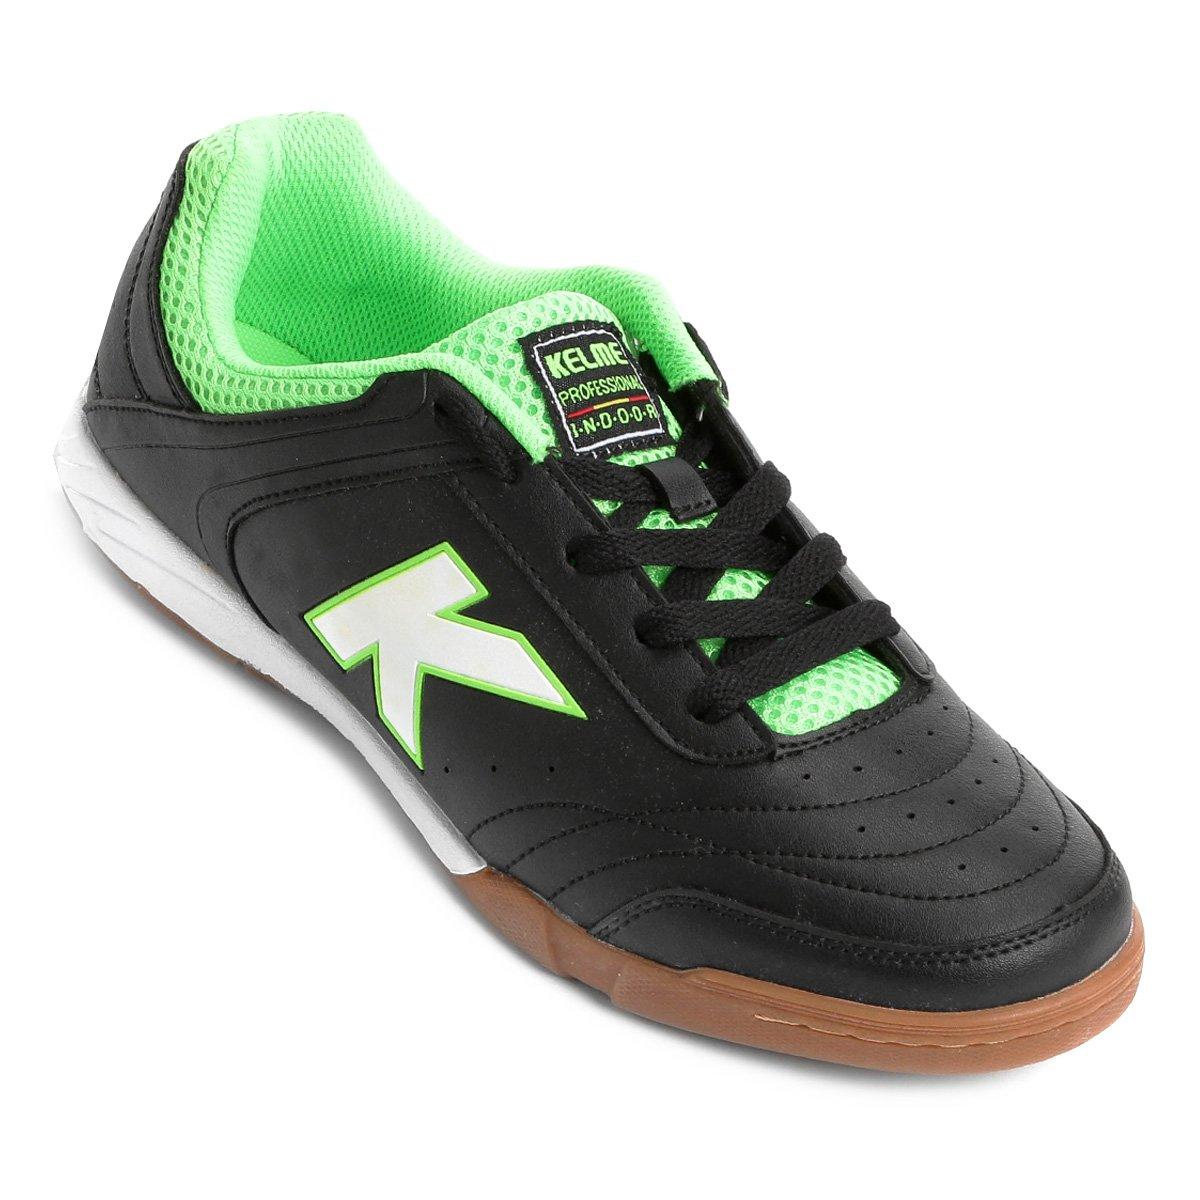 Chuteira Futsal Kelme Precision Trn ccd7b5b2965